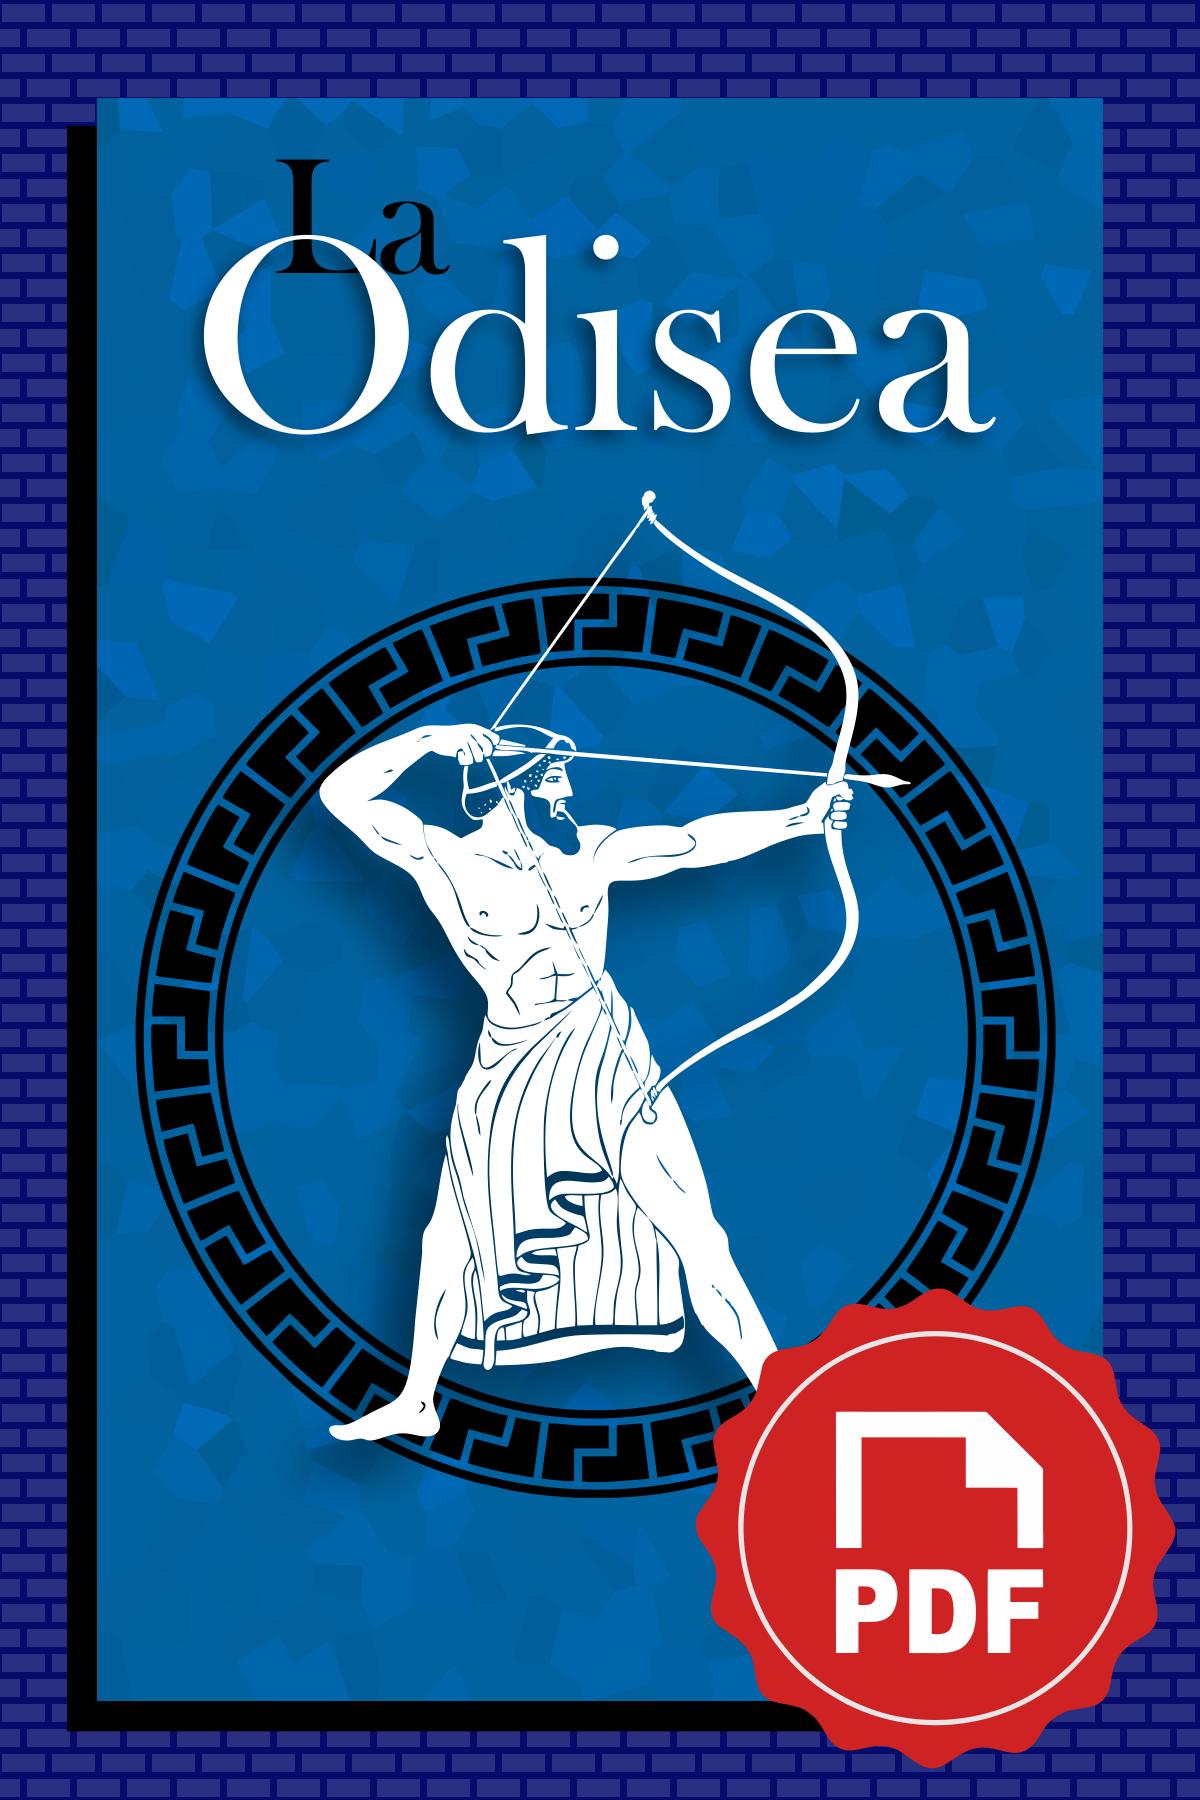 Resumen De La Odisea Cantos Análisis Y Personajes Resumenes De Libros La Odisea La Odisea Homero